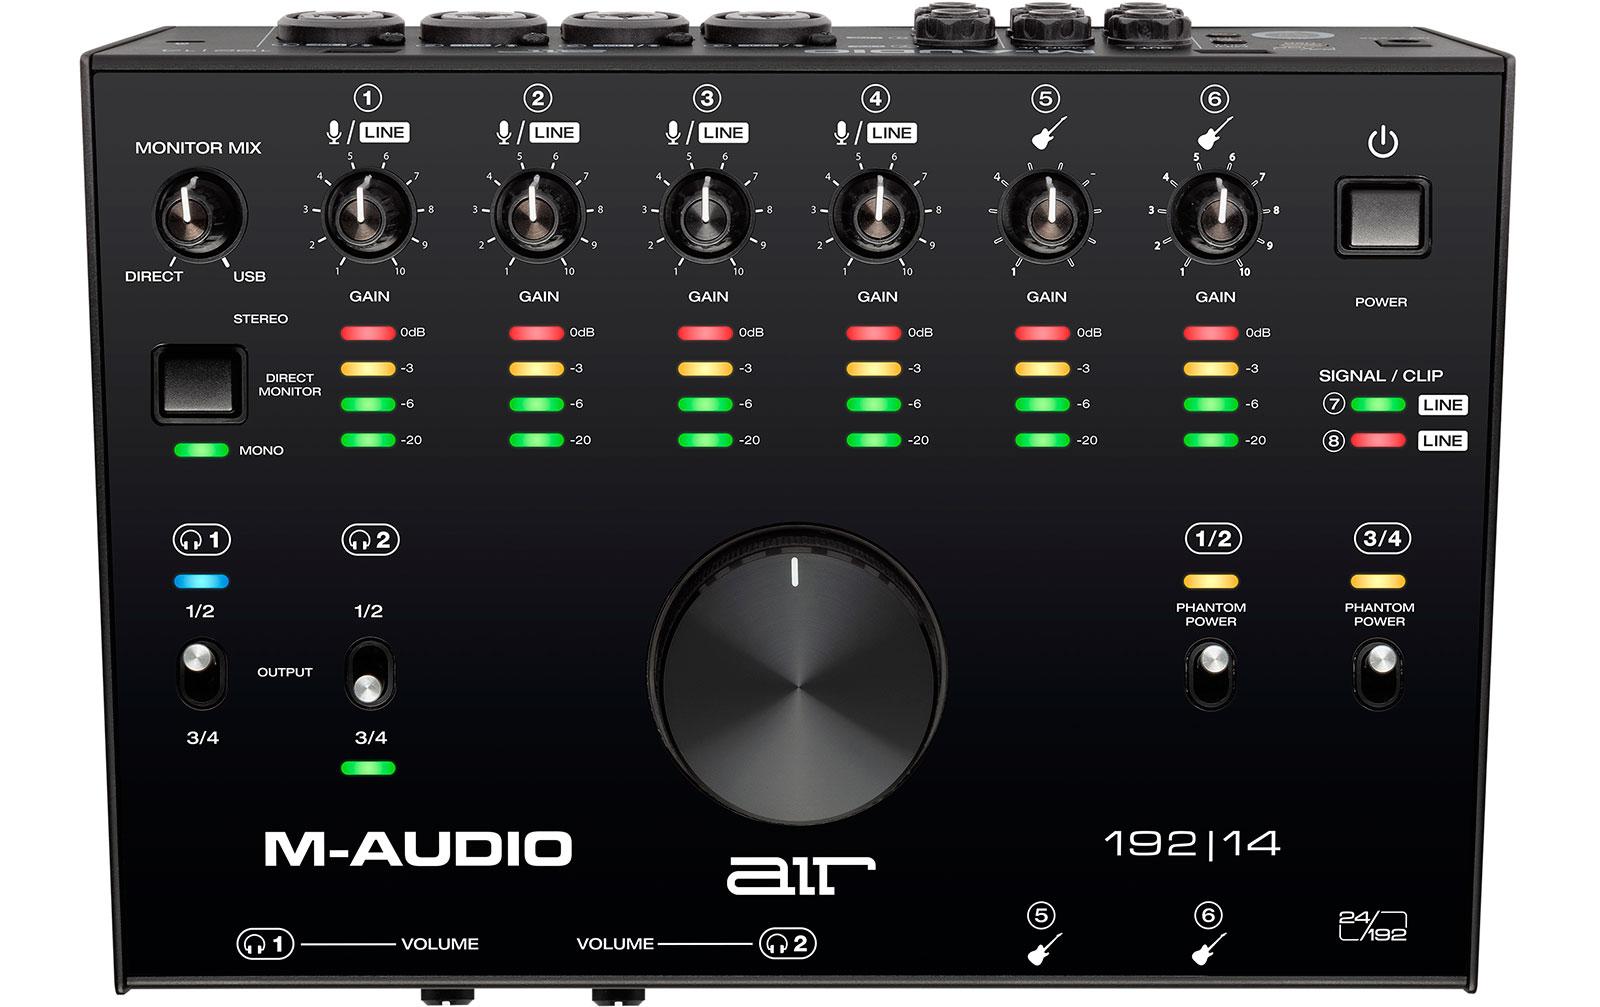 m-audio-air-192x14